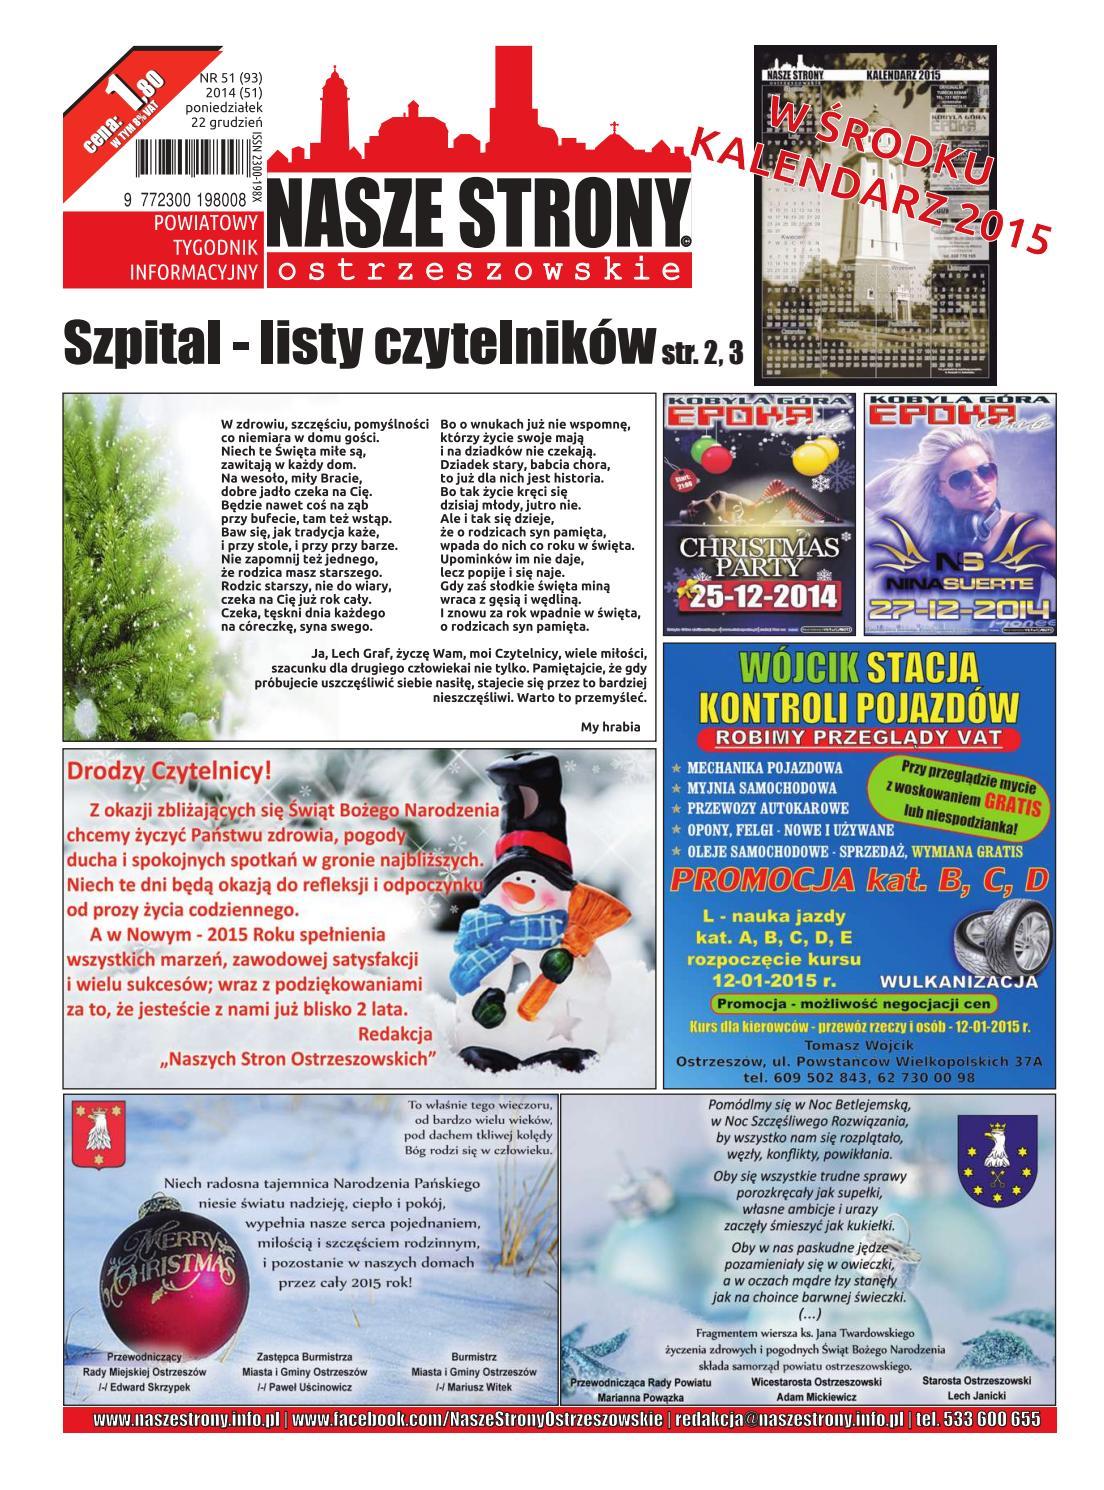 50711a664babf Nasze Strony Ostrzeszowskie 51/2014 by Nasze Strony Ostrzeszowskie - issuu